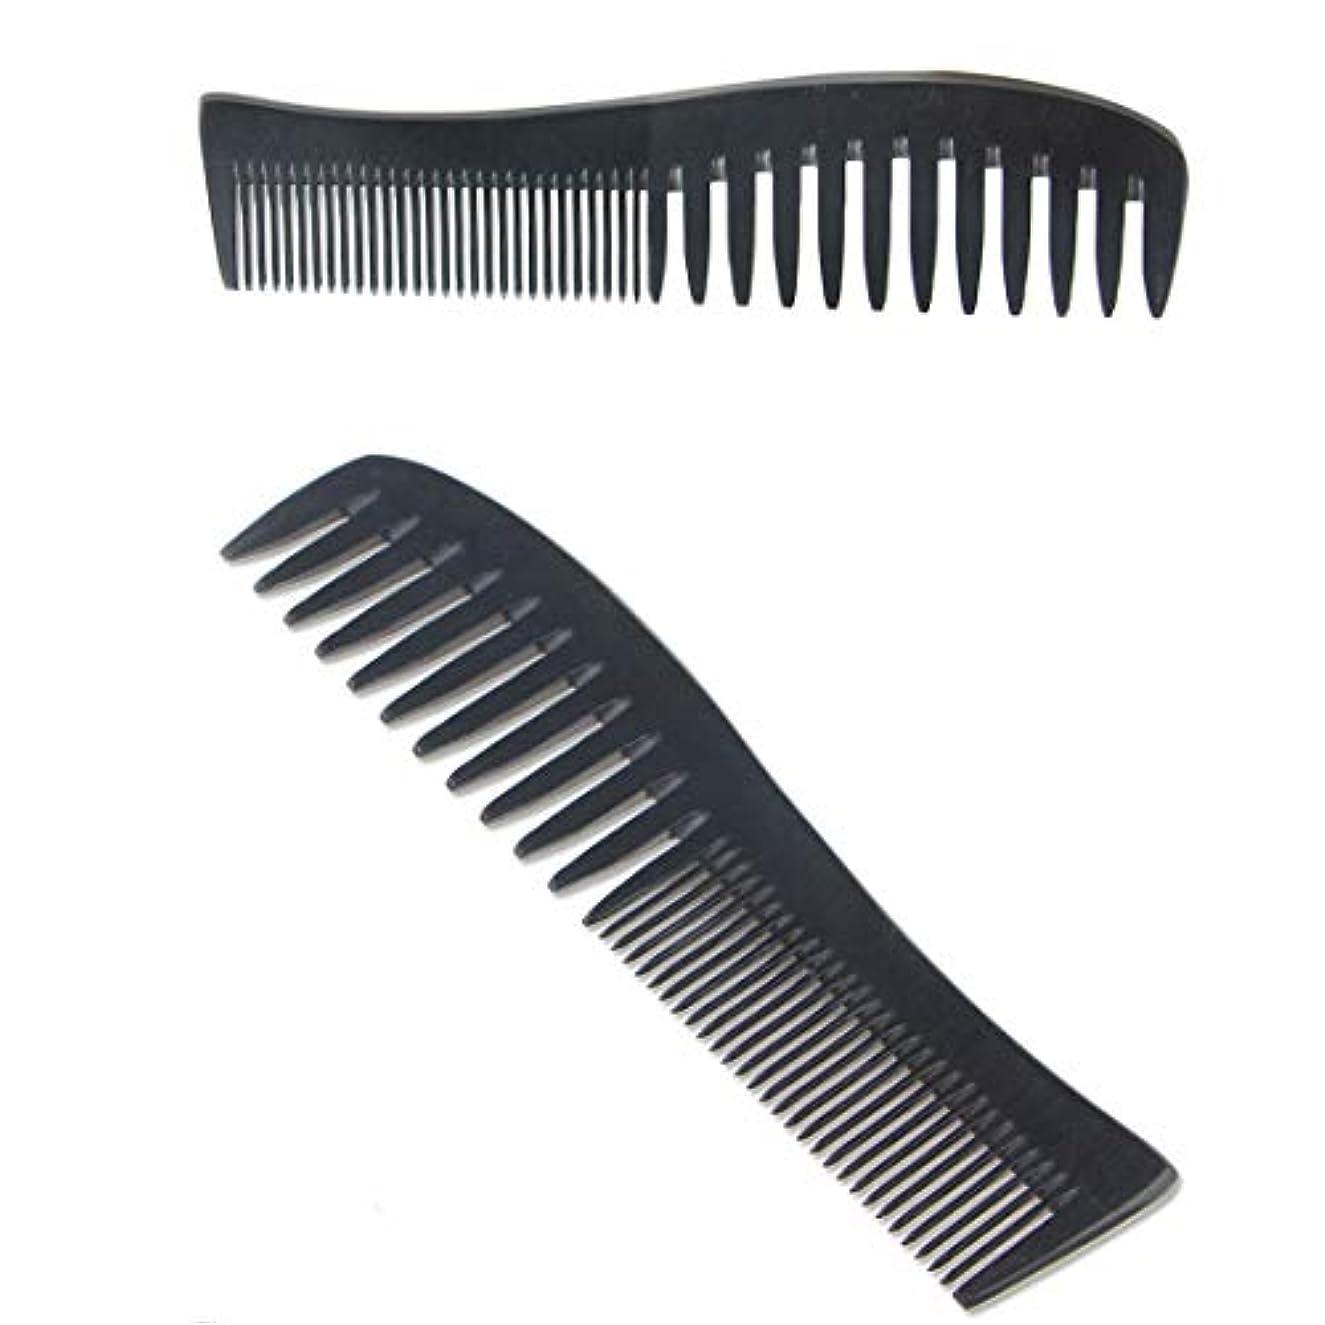 有名人酔うガス手作りの木製くし - ふけ防止、帯電防止、環境にやさしい - 頭皮と髪の健康に最適、幅広の歯2個 ヘアケア (色 : 2Pcs)